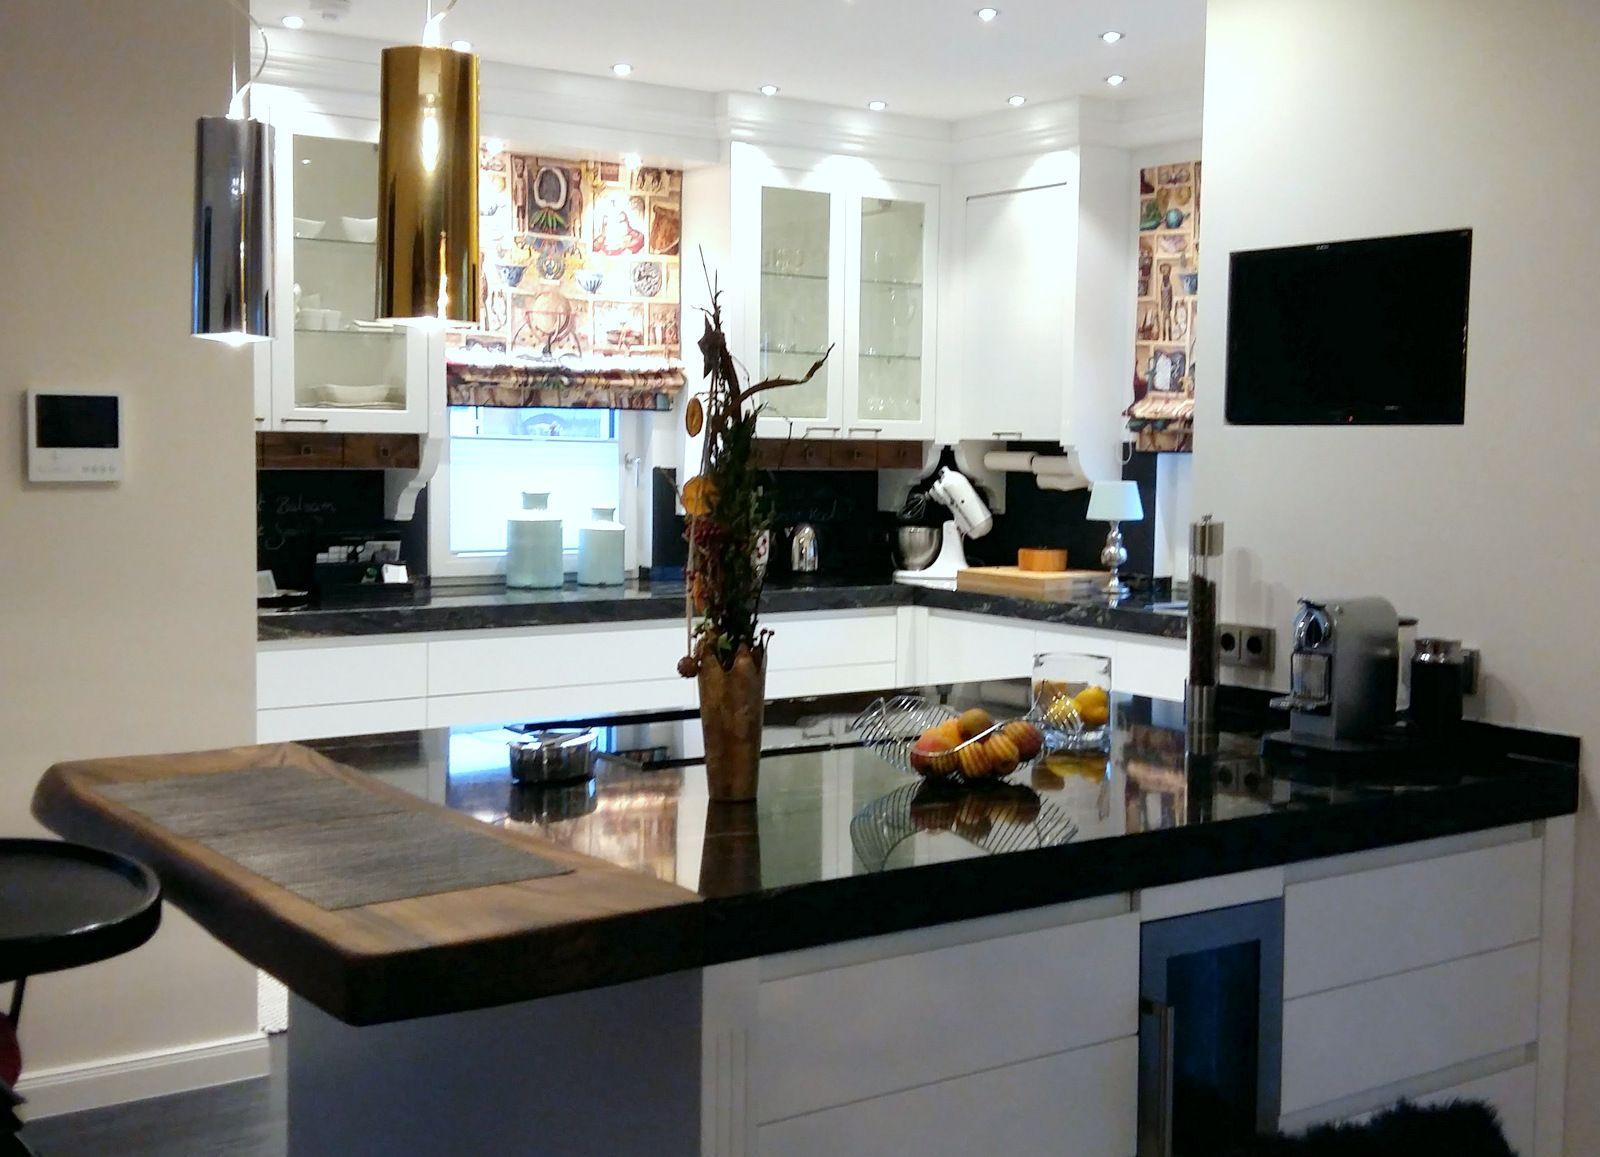 Maßgefertigte Weiße Küche Im Landhausstil, Mit Kochinsel Und Integrierter  Theke Aus Nußbaum